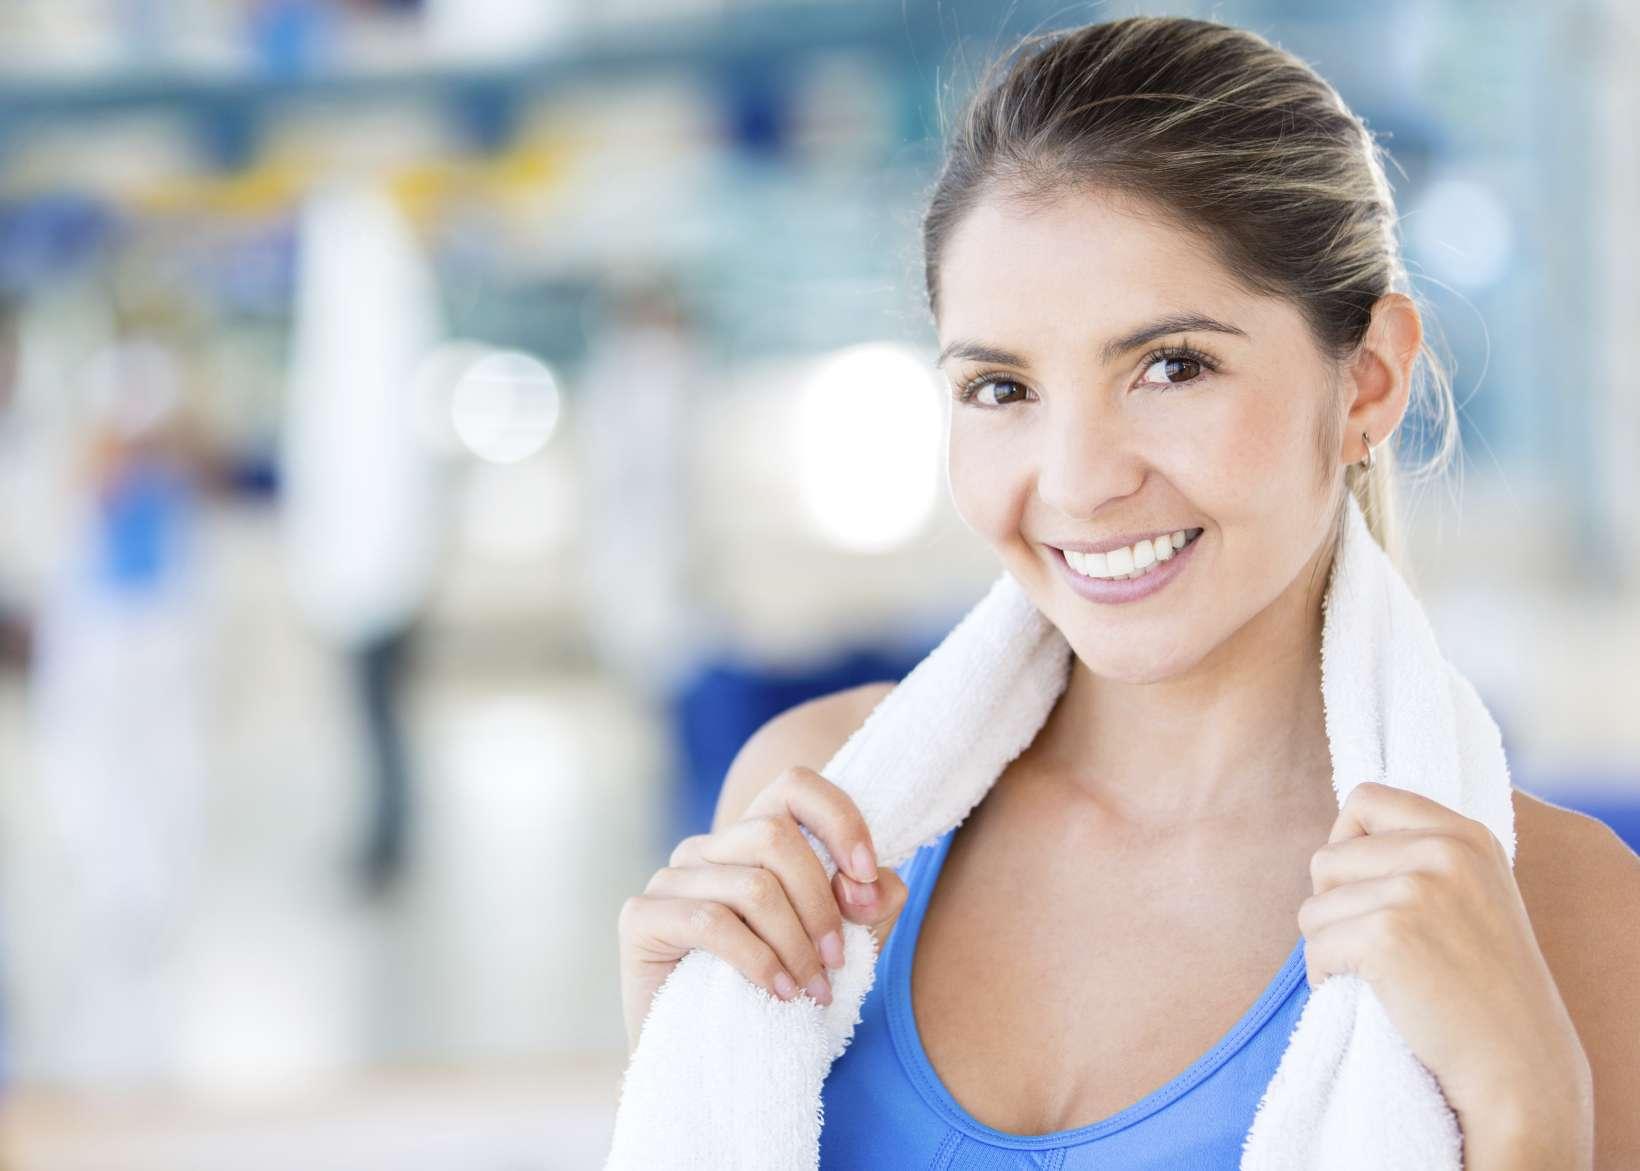 El ejercicio aumenta tu energía, productividad, concentración y creatividad: hacerlo en la mañana te ayuda a estar activo en todos los aspectos de tu rutina diaria. Foto: iStock